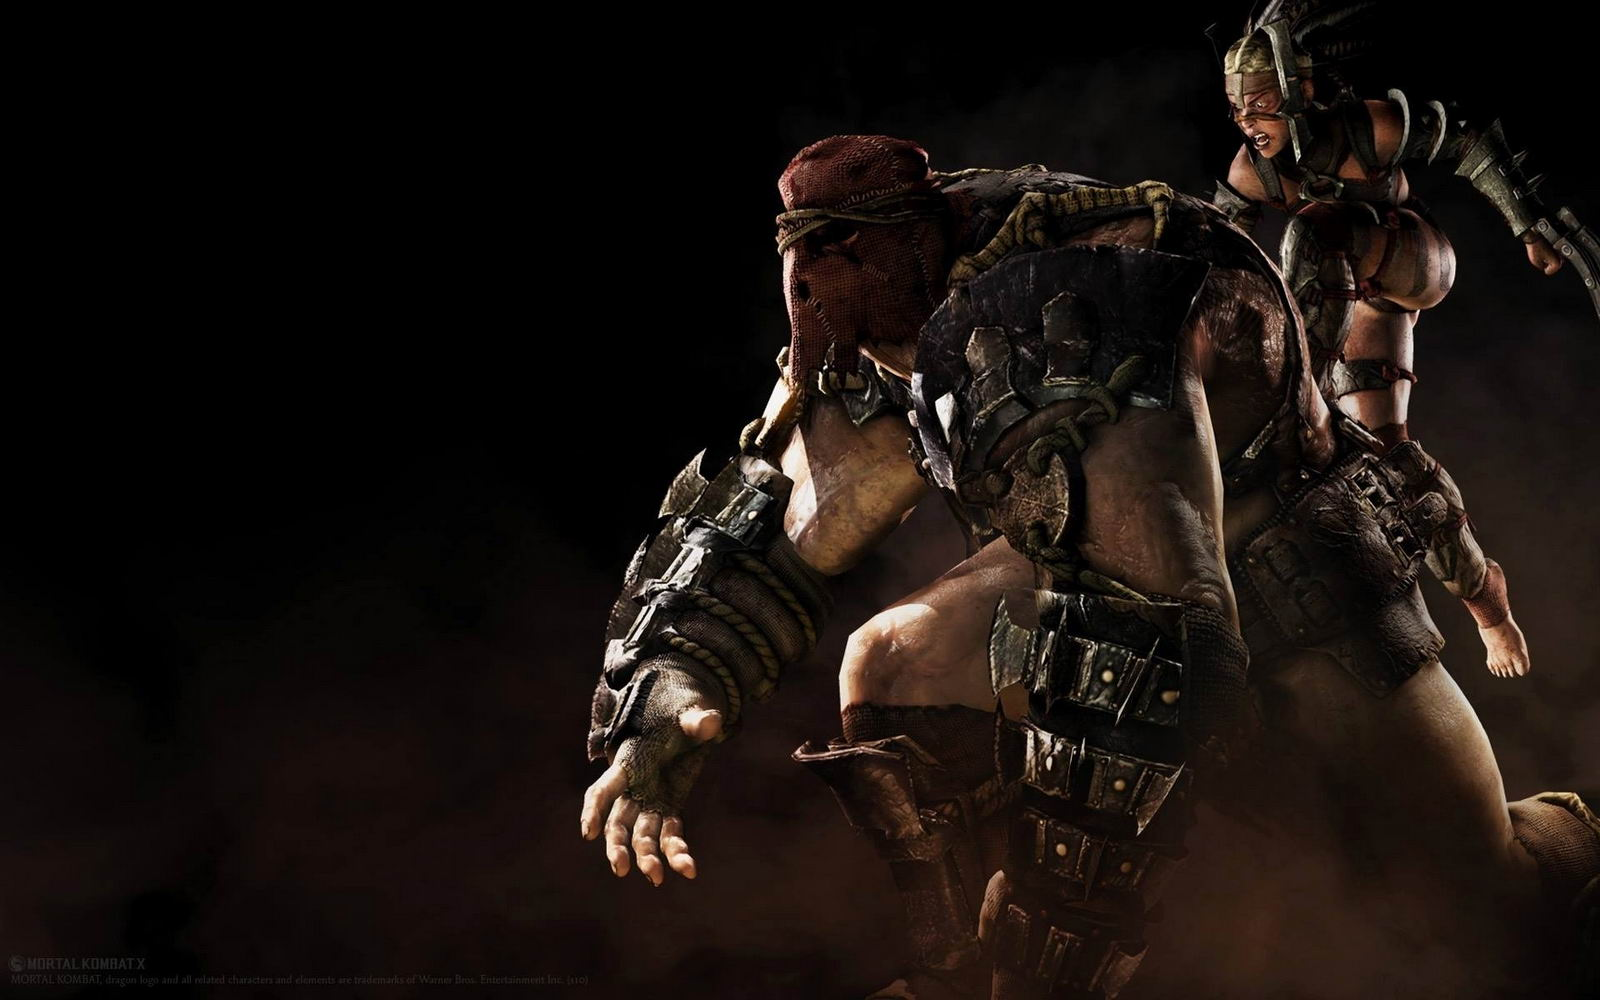 Арт Mortal Kombat X